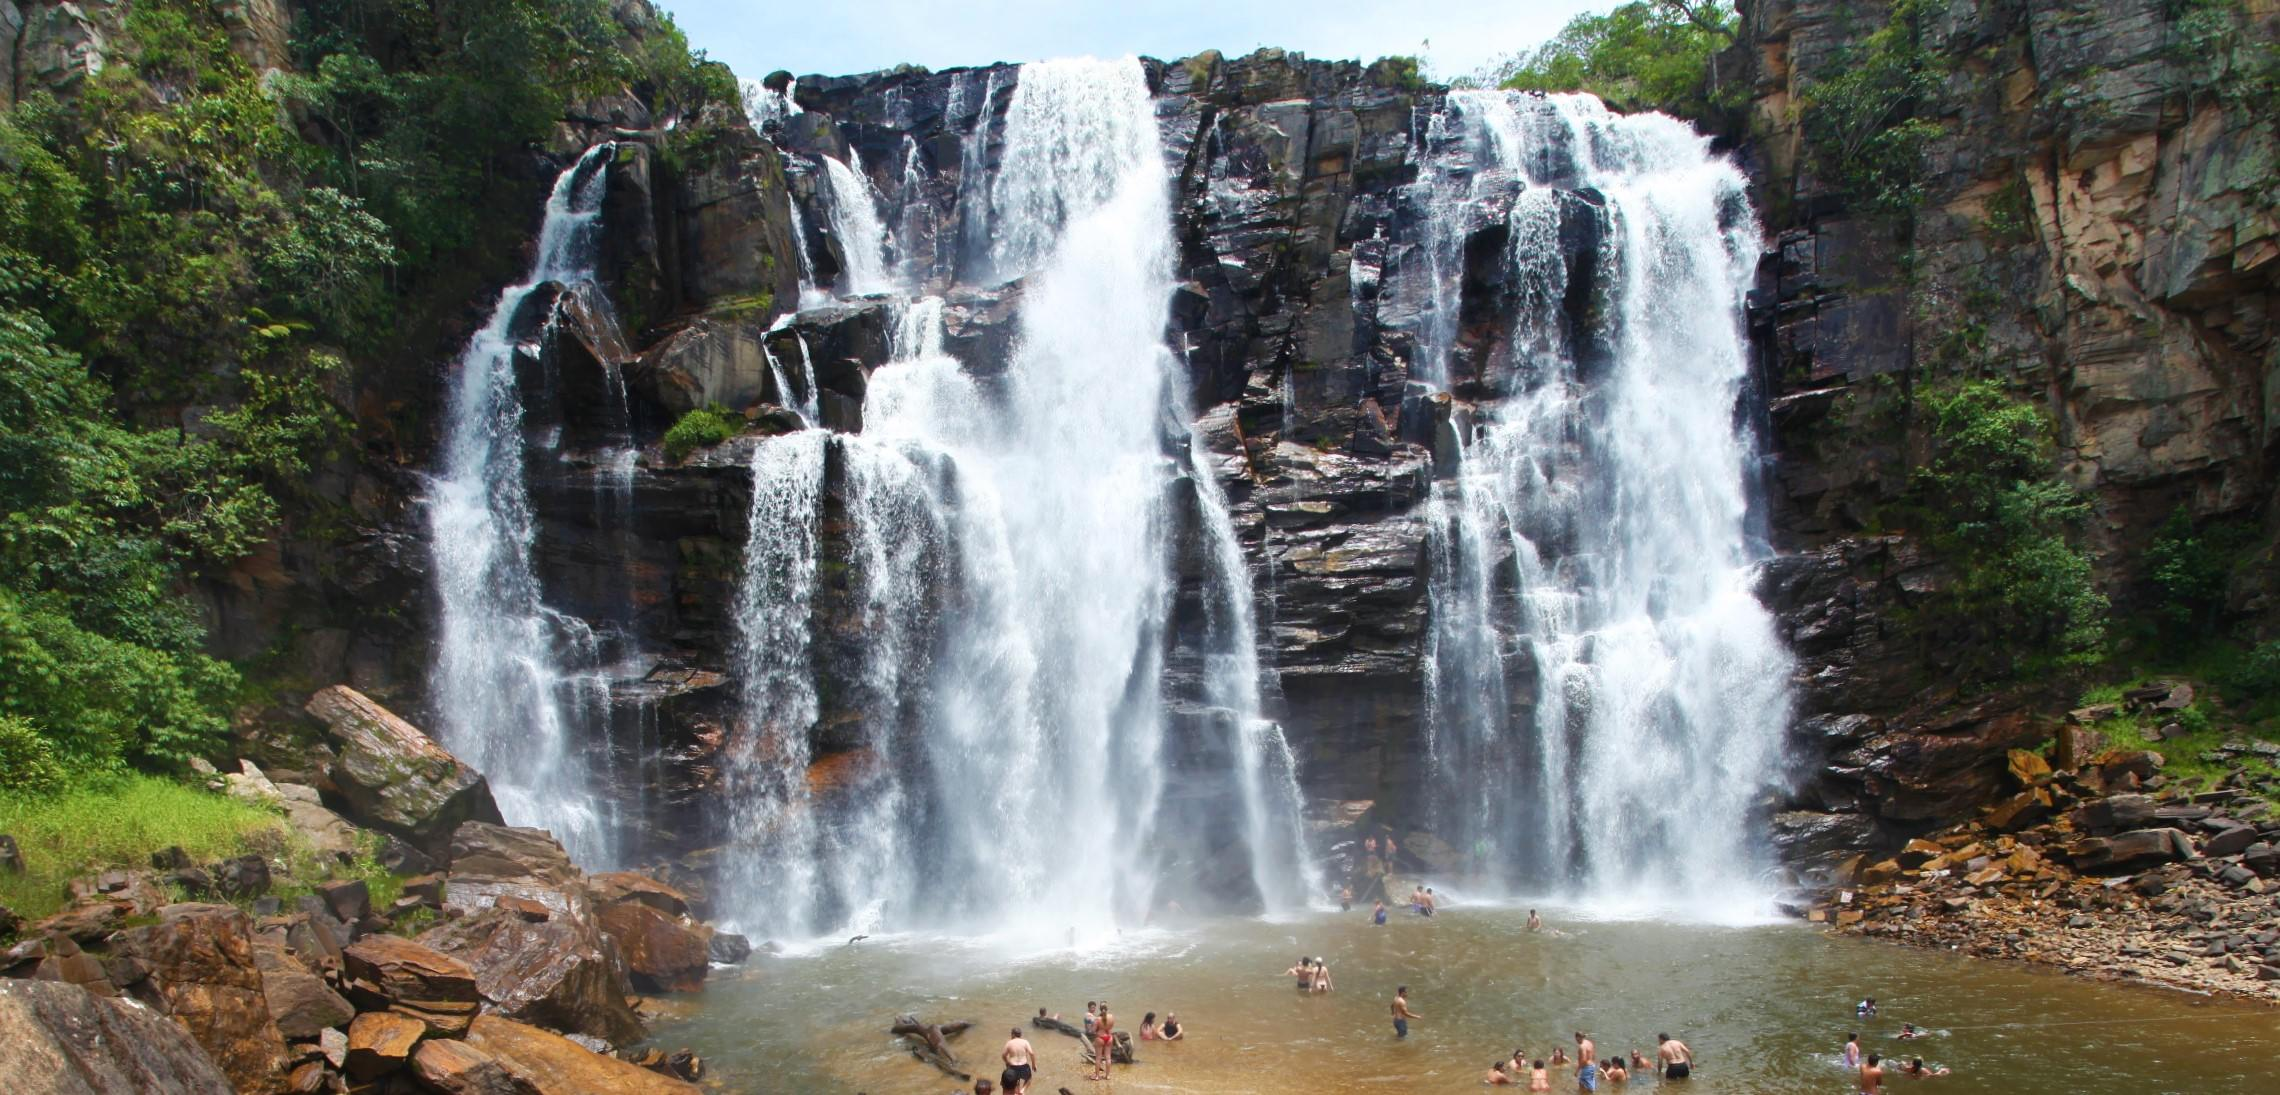 O charme de Pirenópolis e suas cachoeiras - Mirelle Tome